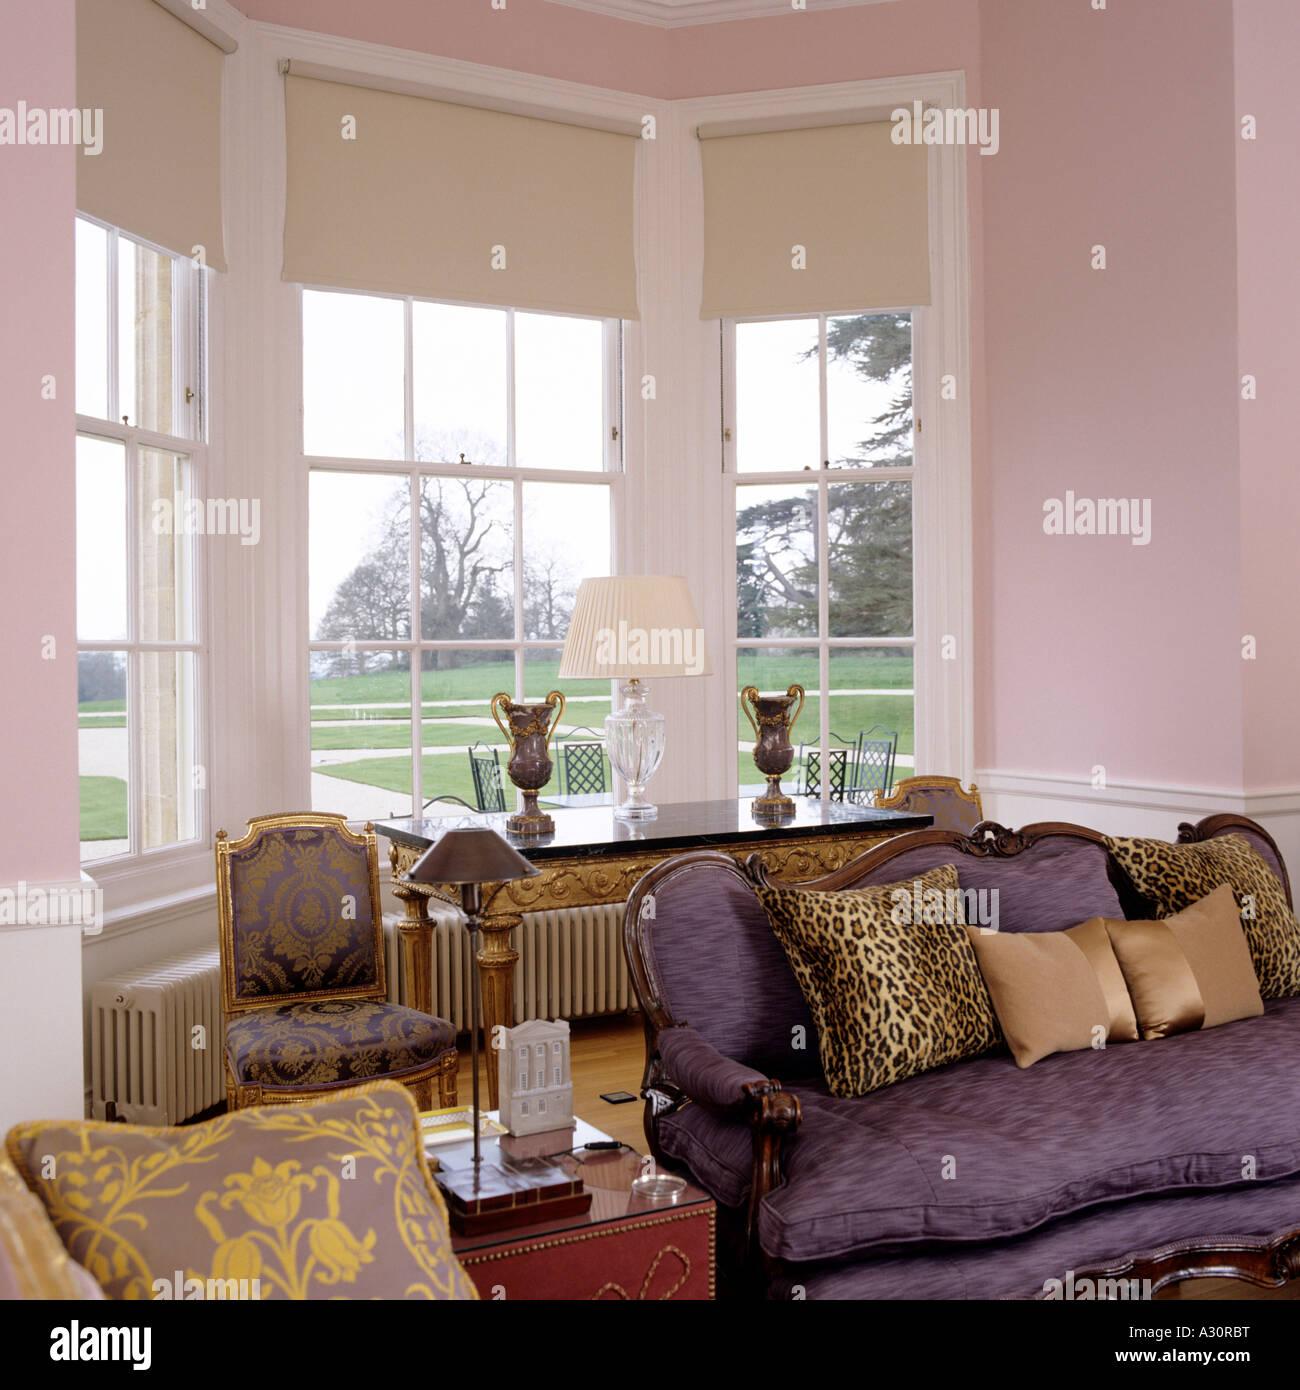 Erker In Rosa Wohnzimmer Mit Antikem Sofa